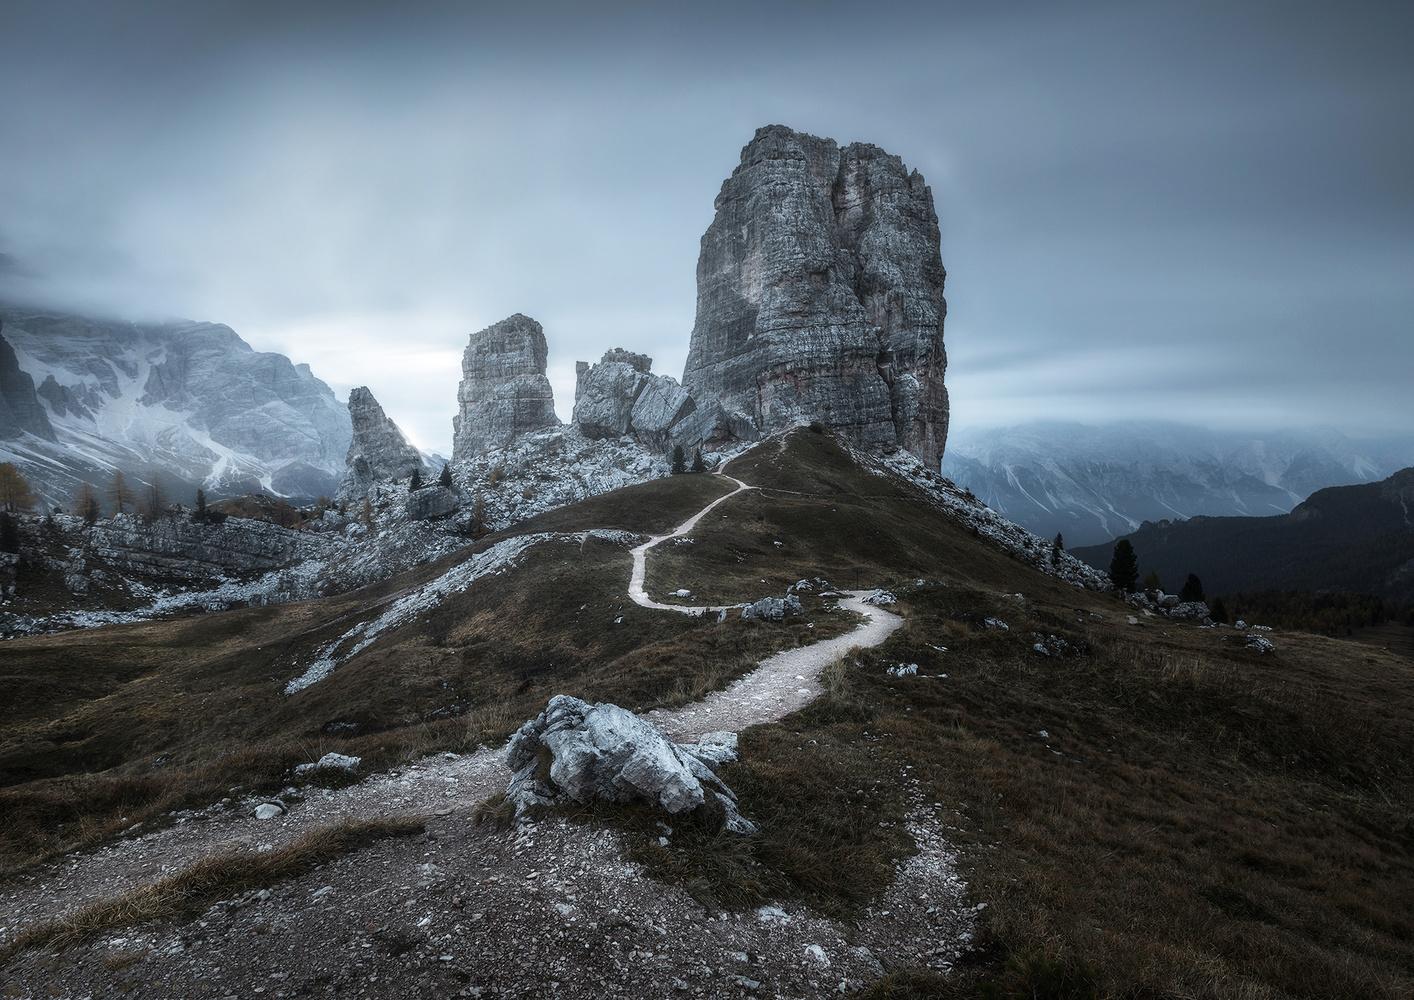 Cinque Torri by Philip Slotte